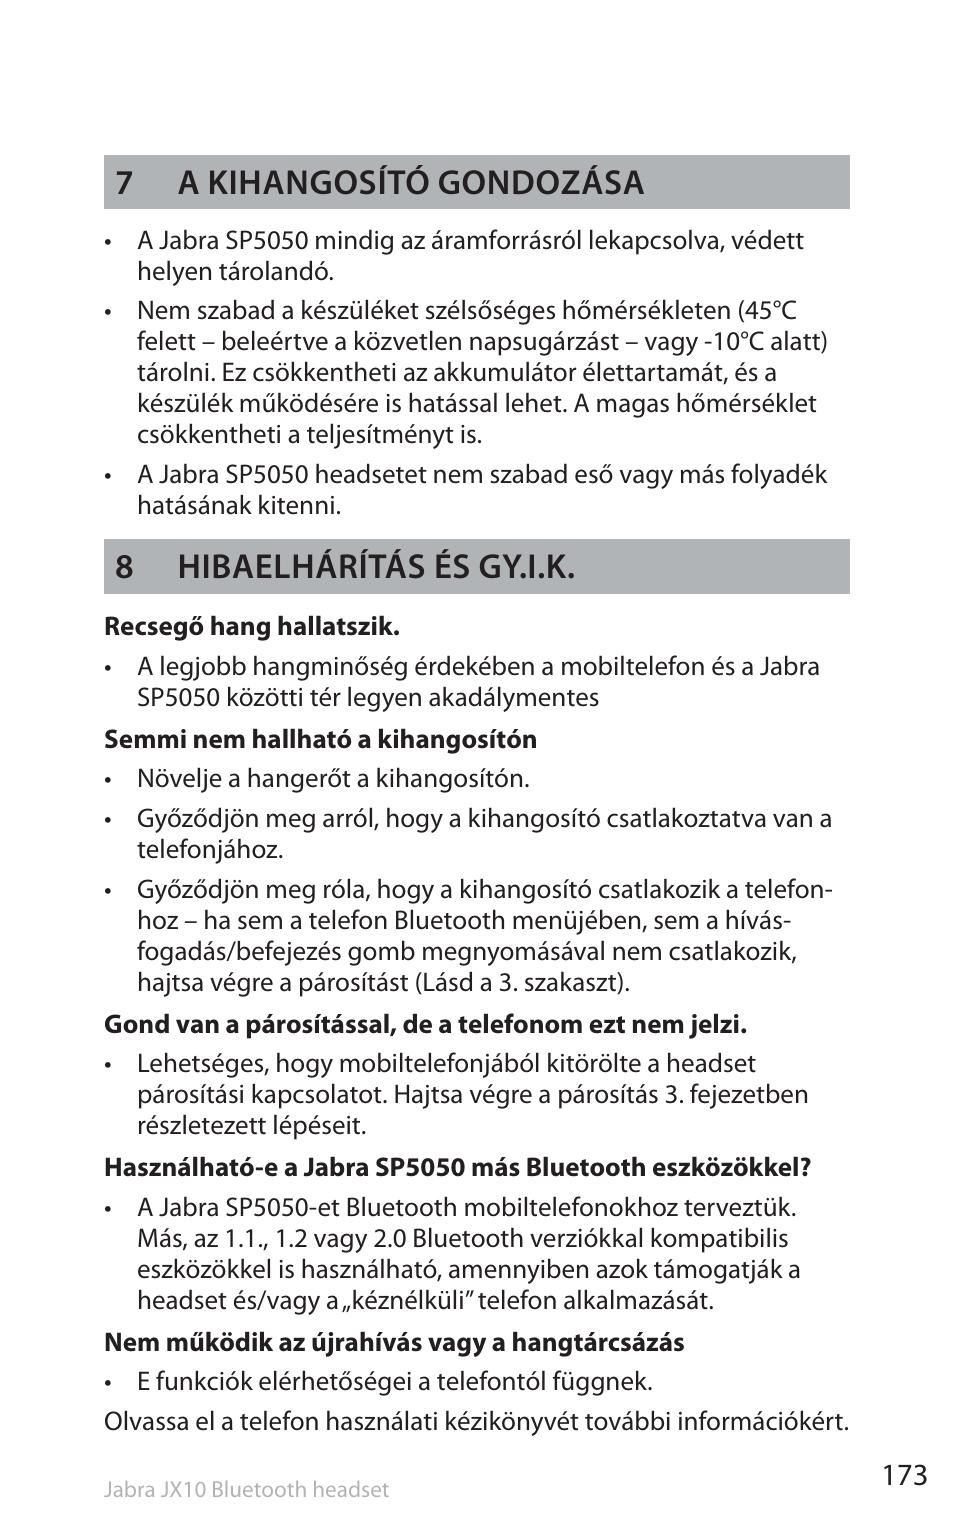 7a kihangosító gondozása, 8hibaelhárítás és gy.i.k | Jabra SP5050 User  Manual | Page 175 / 221